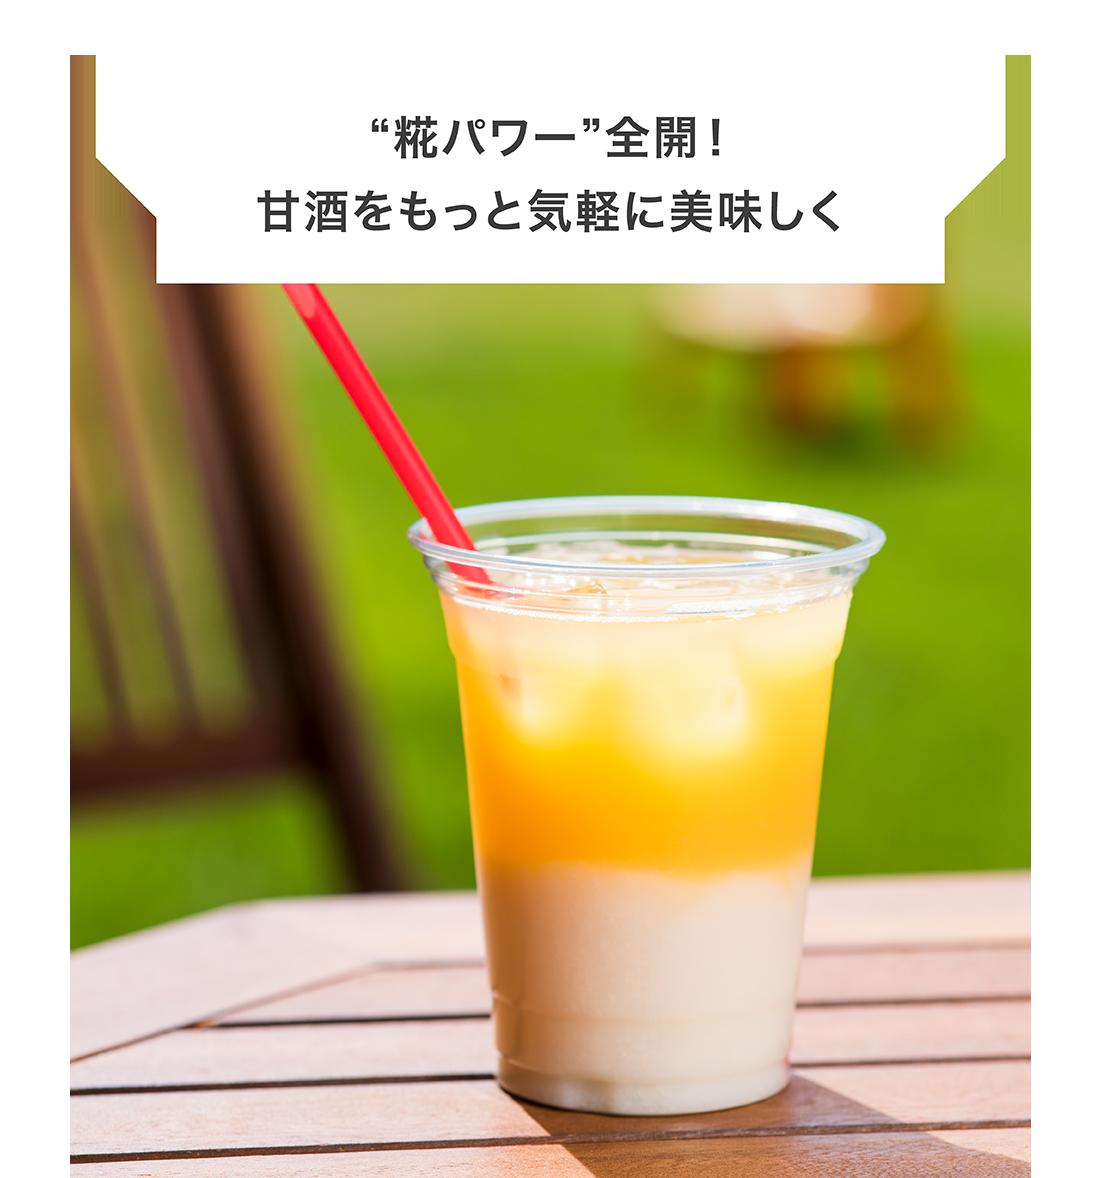 糀がシェフ、発酵パワーを活かしたカフェ きなり 2色ドリンク(甘酒のオレンジジュース割り)